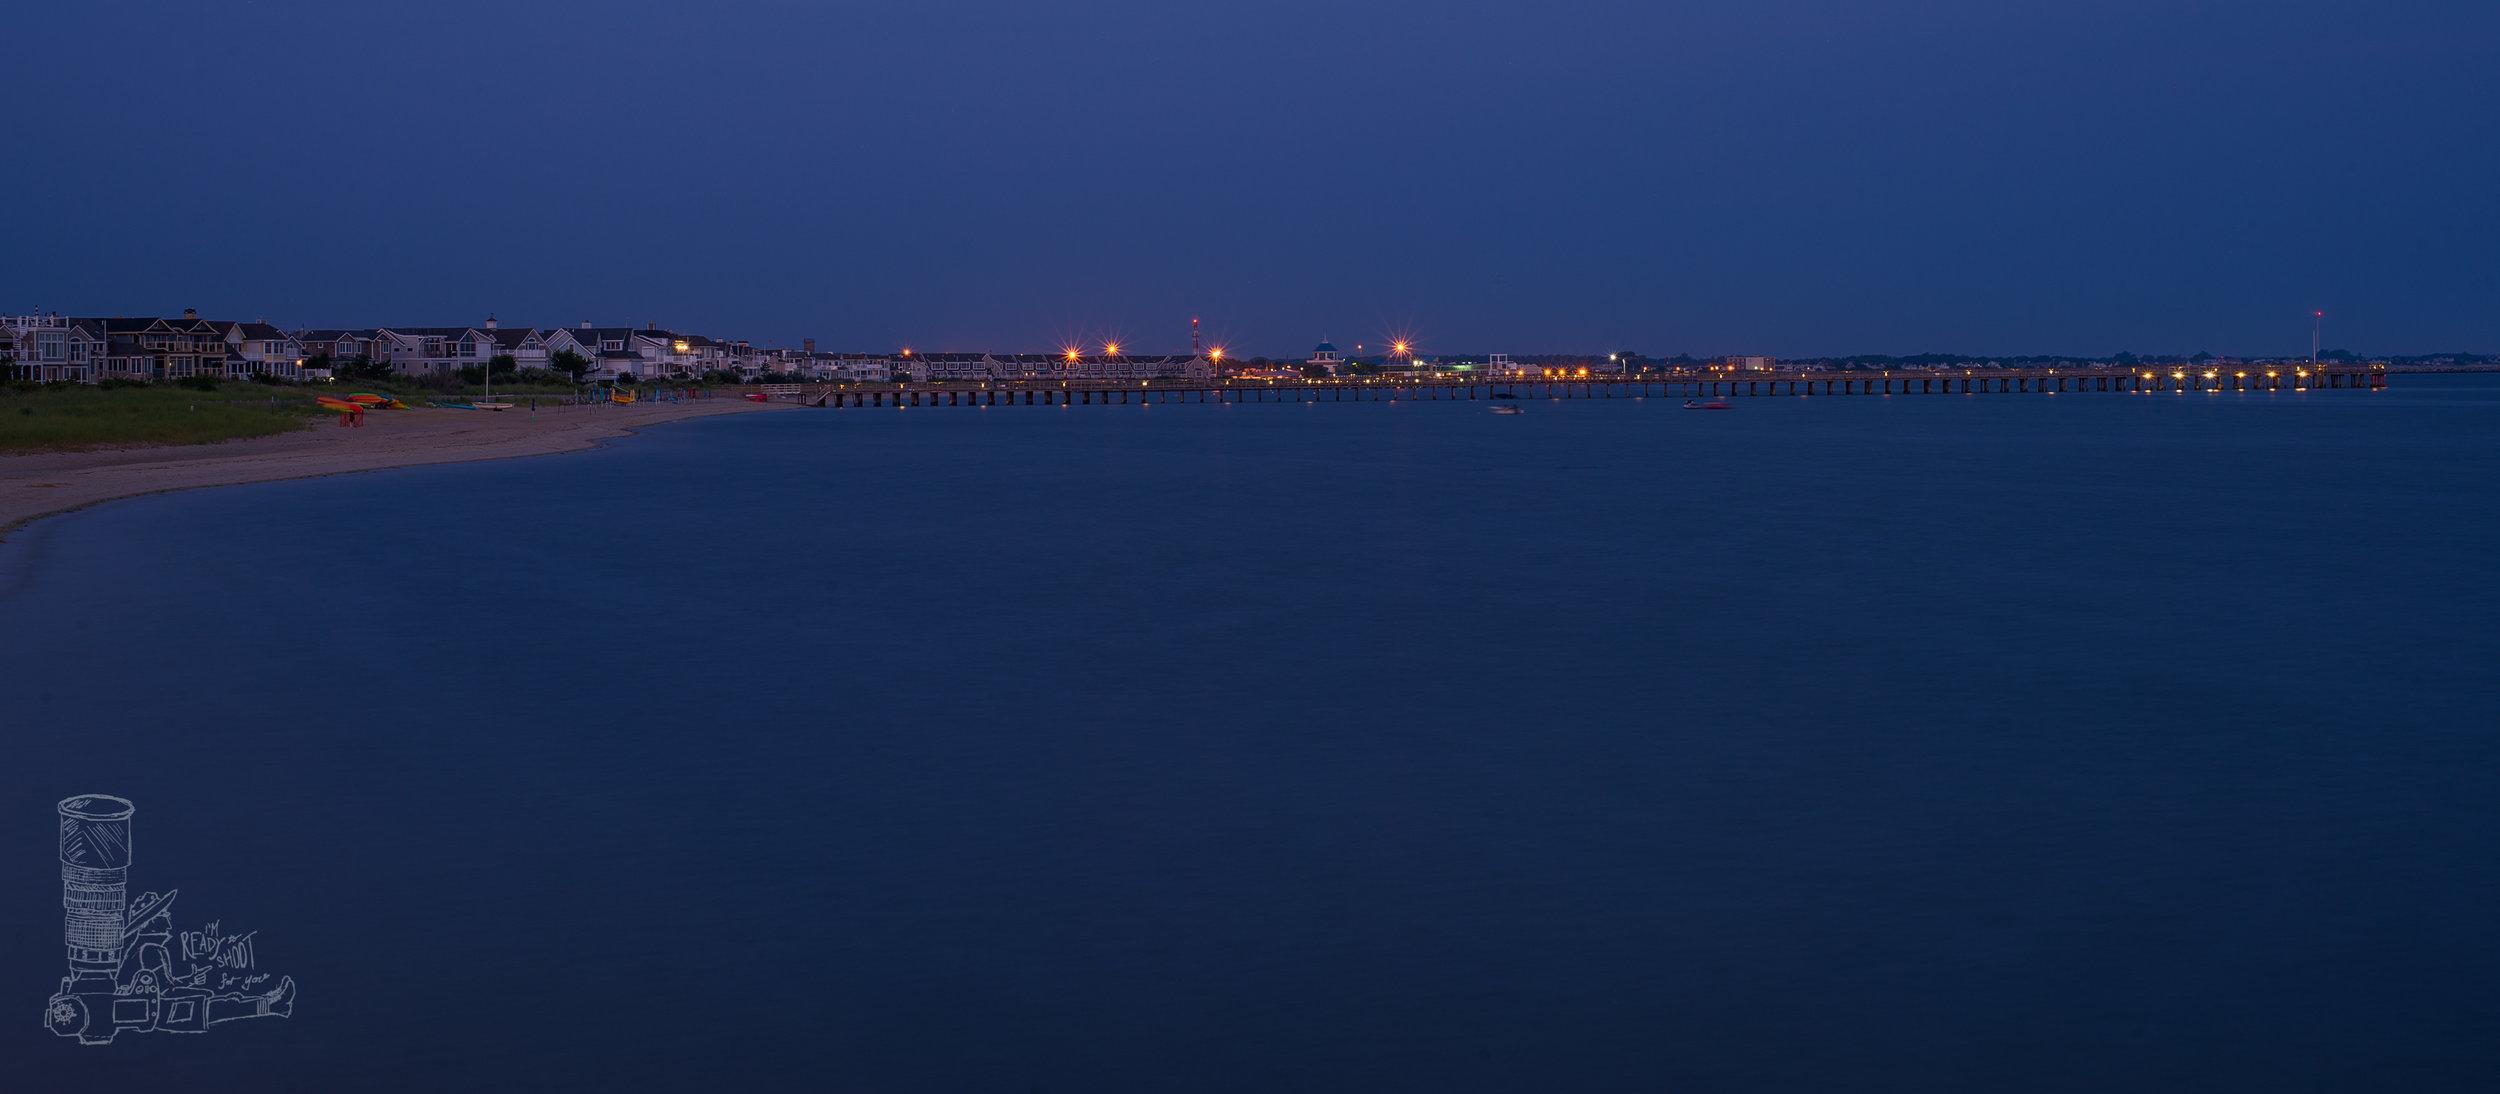 Cape Shores Pier